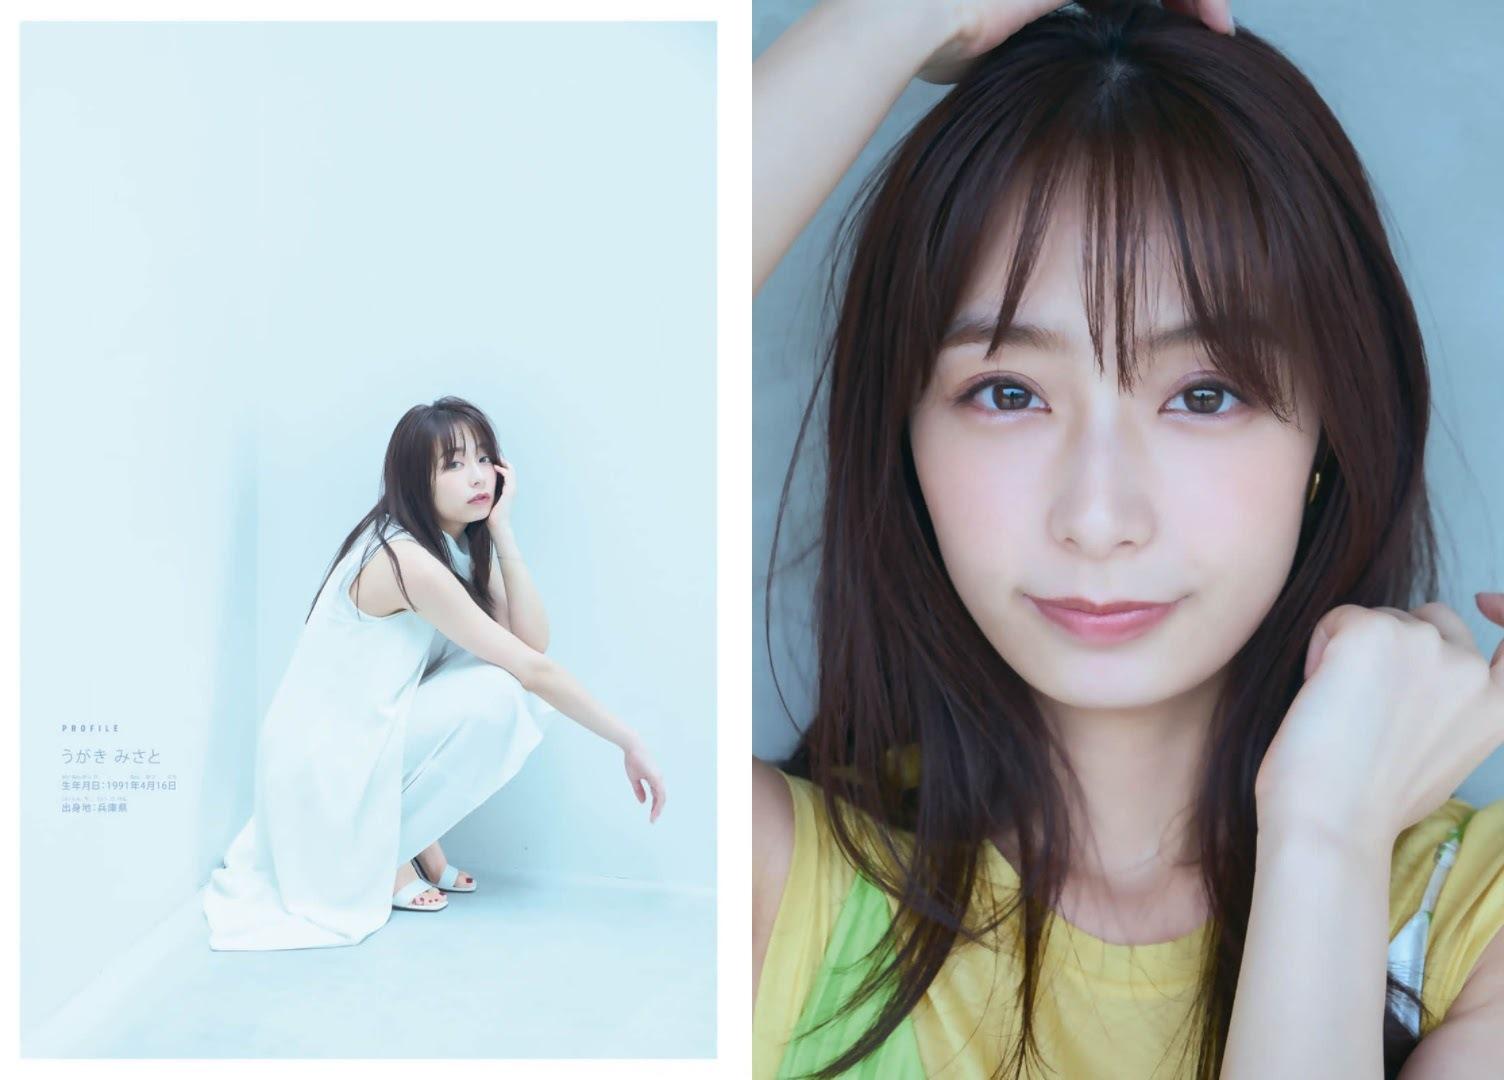 少年Magazine》的封面上 宇垣美里 7N5.NET 003